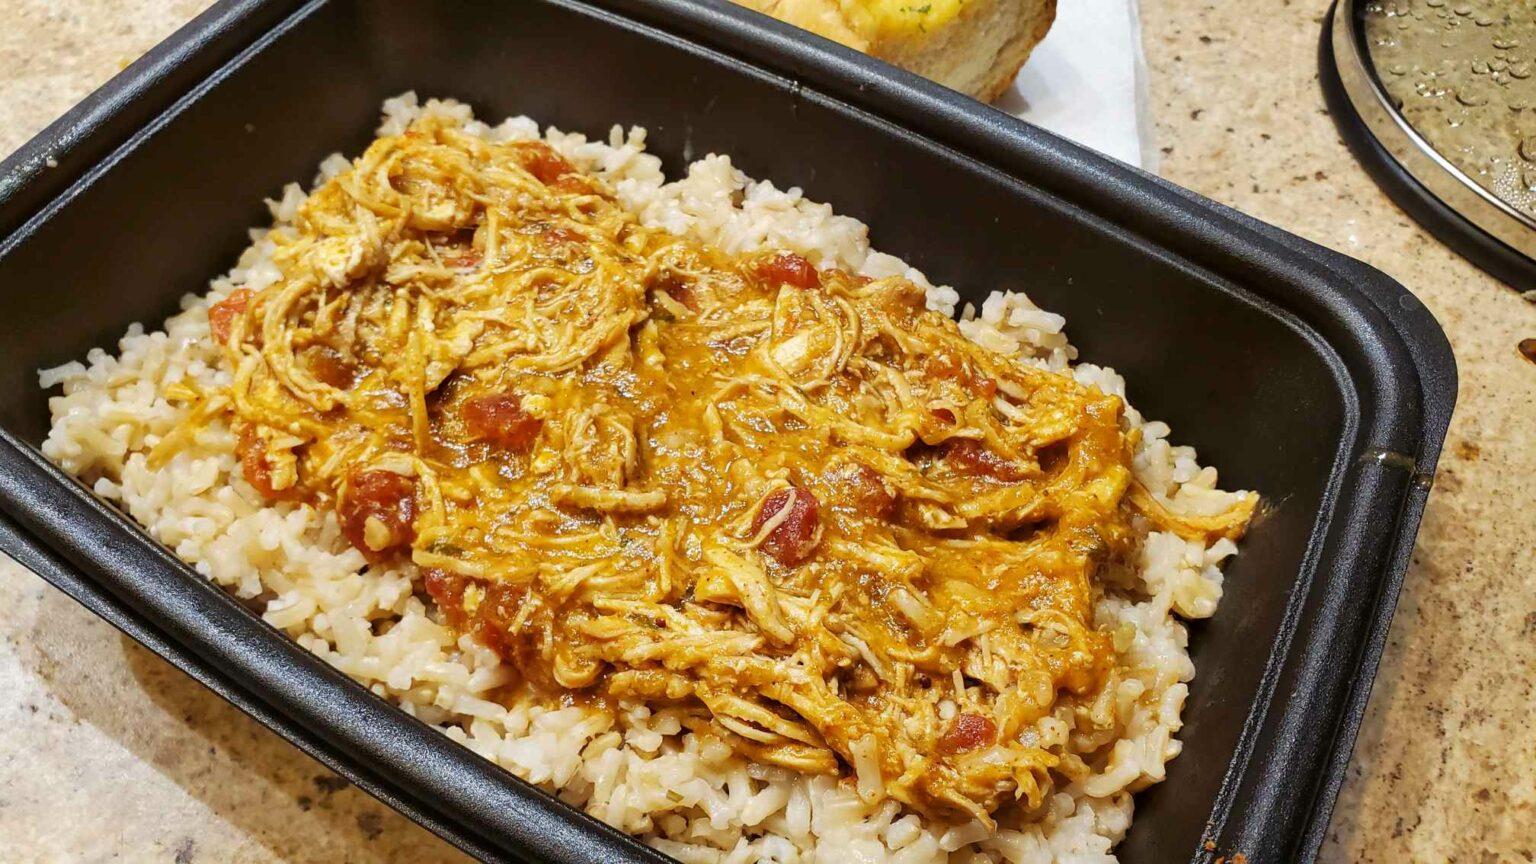 image of drunken chicken on rice